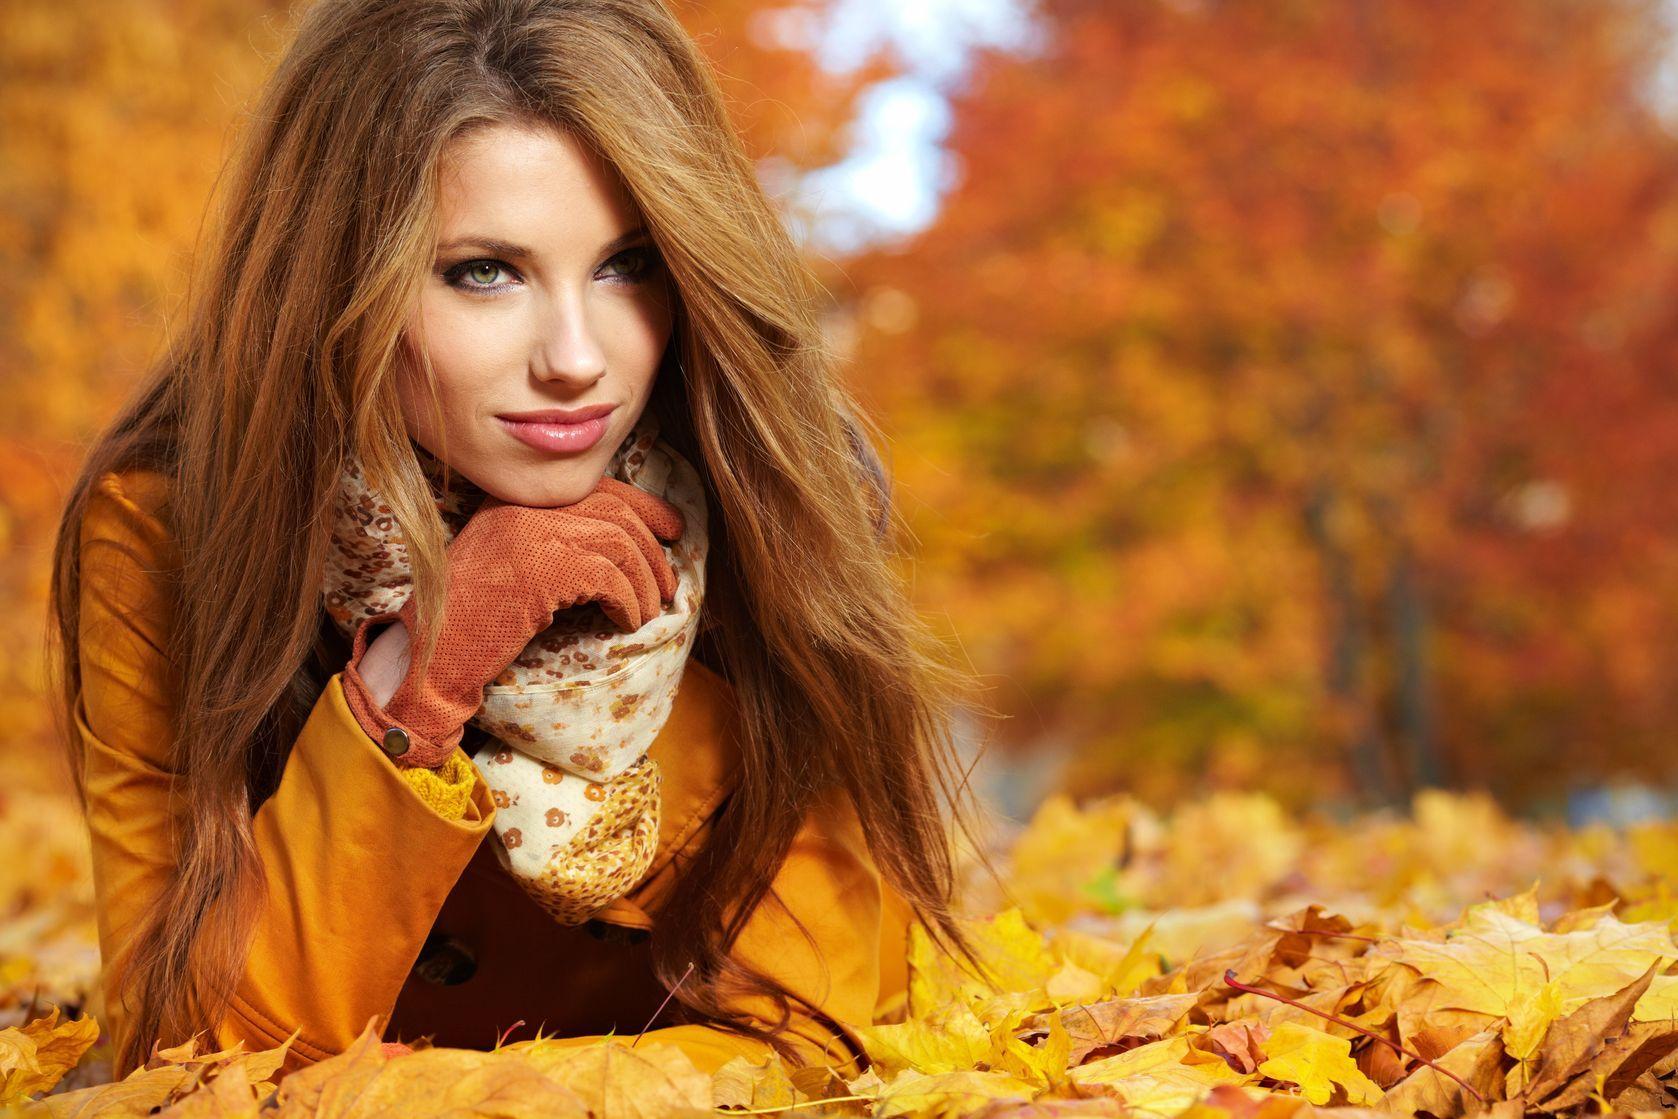 Koloryzacja włosów – co będzie modne w tym sezonie?